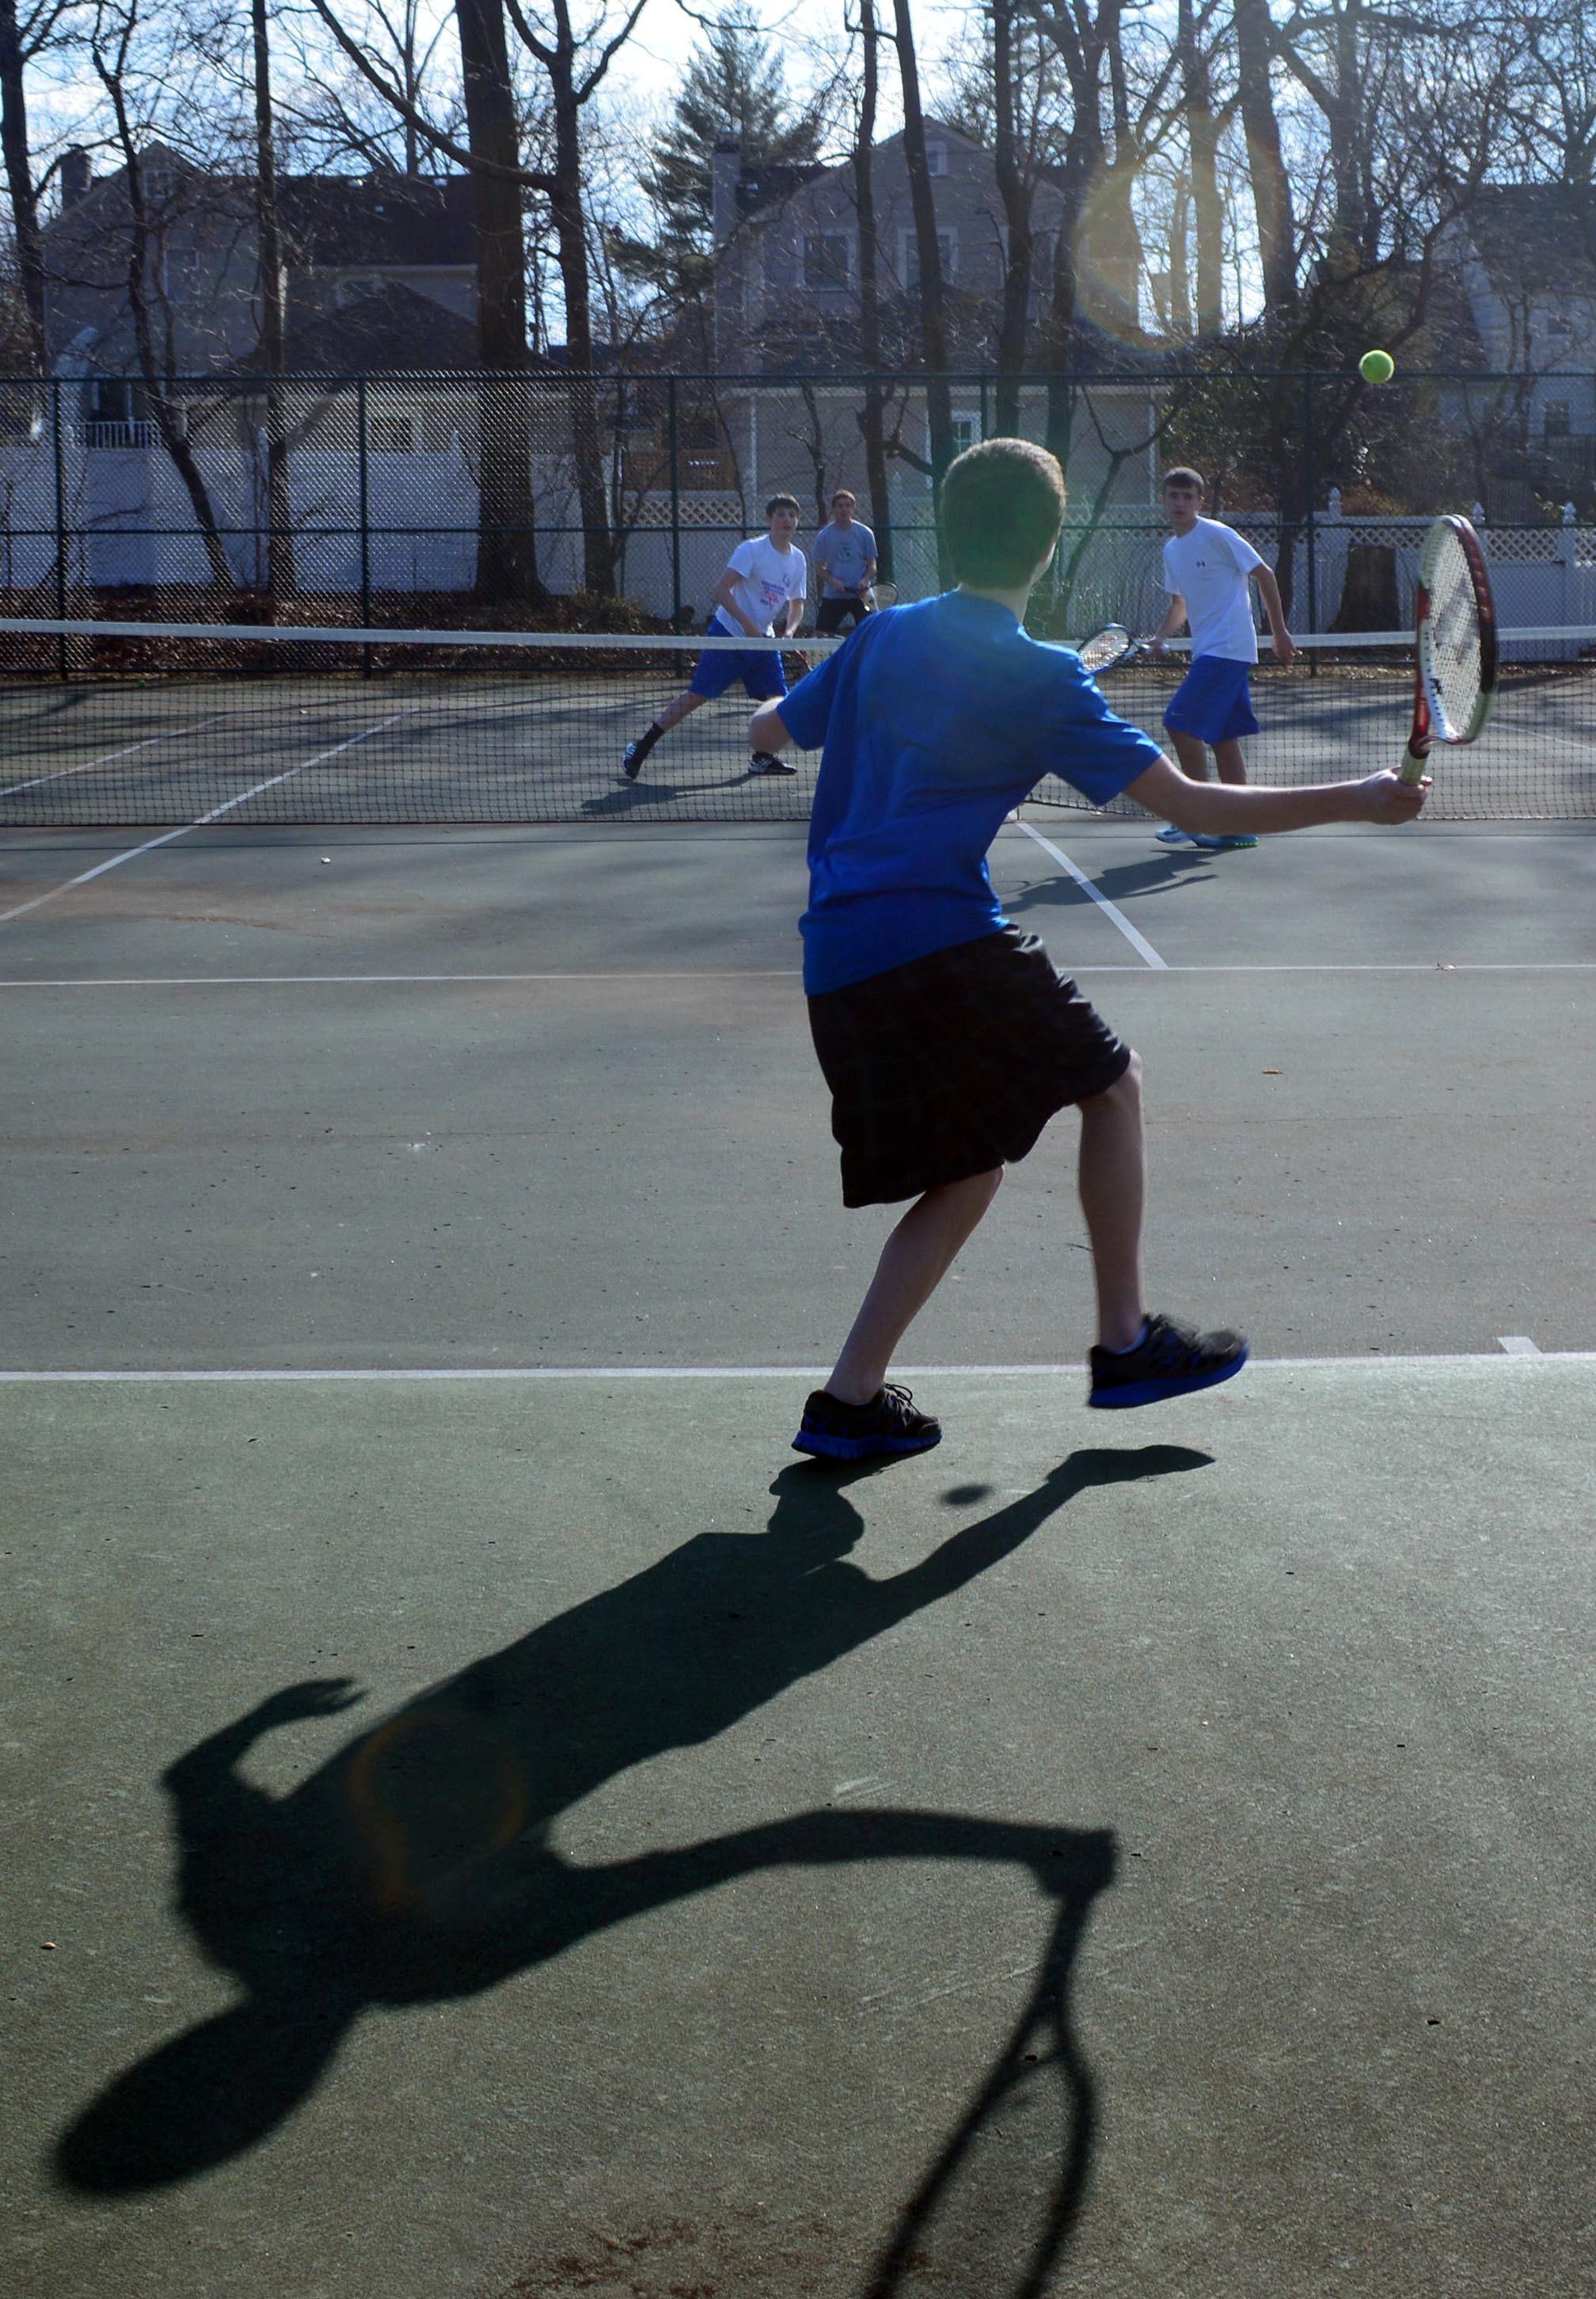 ccac0f3315a3fd75d053_SPF_HS_Tennis_at_LaGrande_Park_3-20-14.jpg